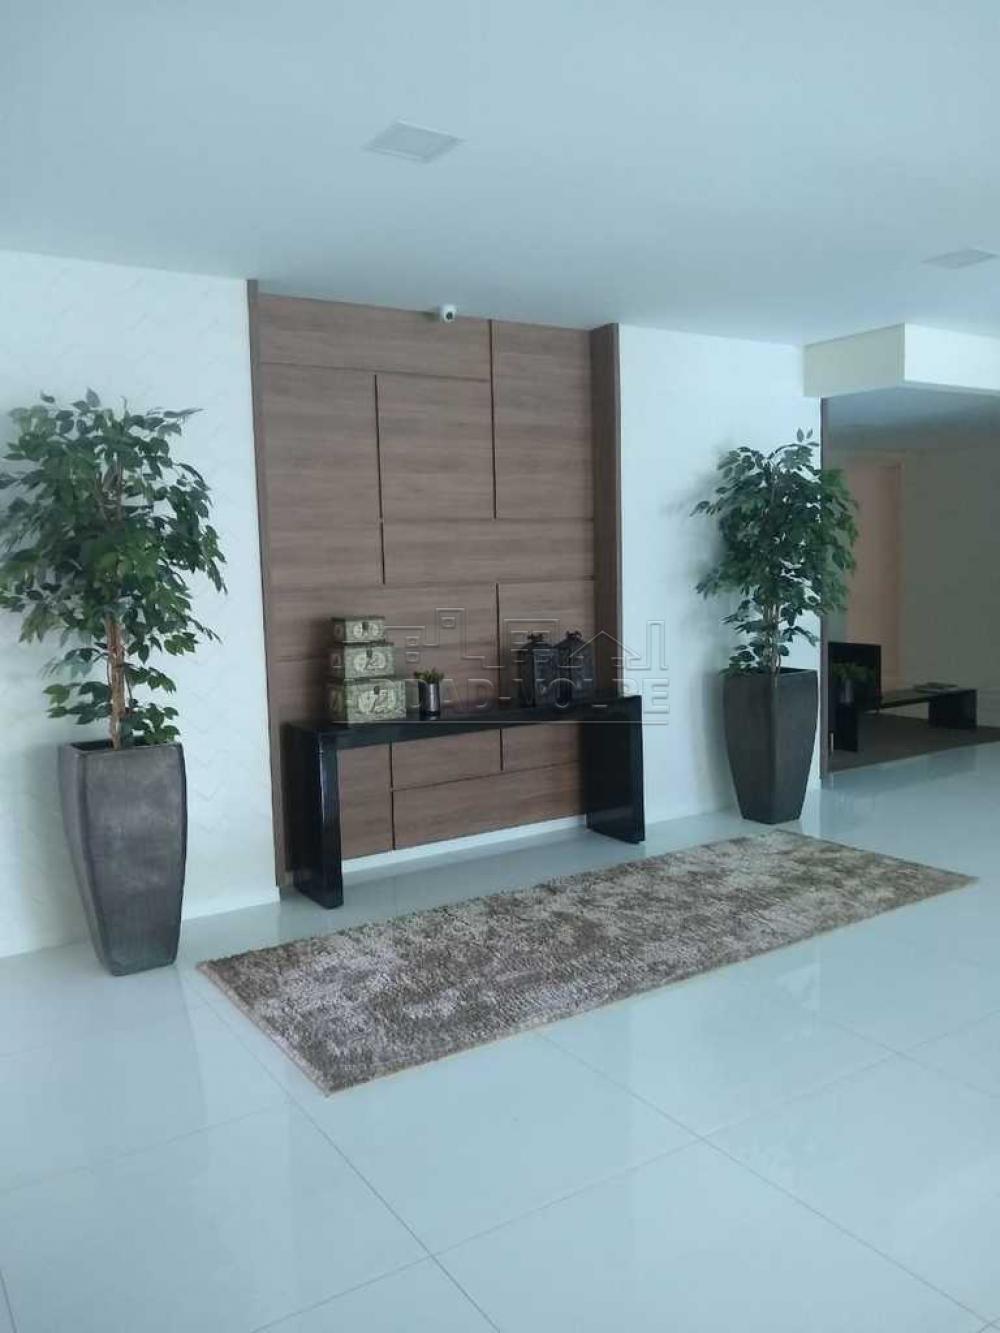 Comprar Apartamento / Padrão em Bauru R$ 990.000,00 - Foto 23